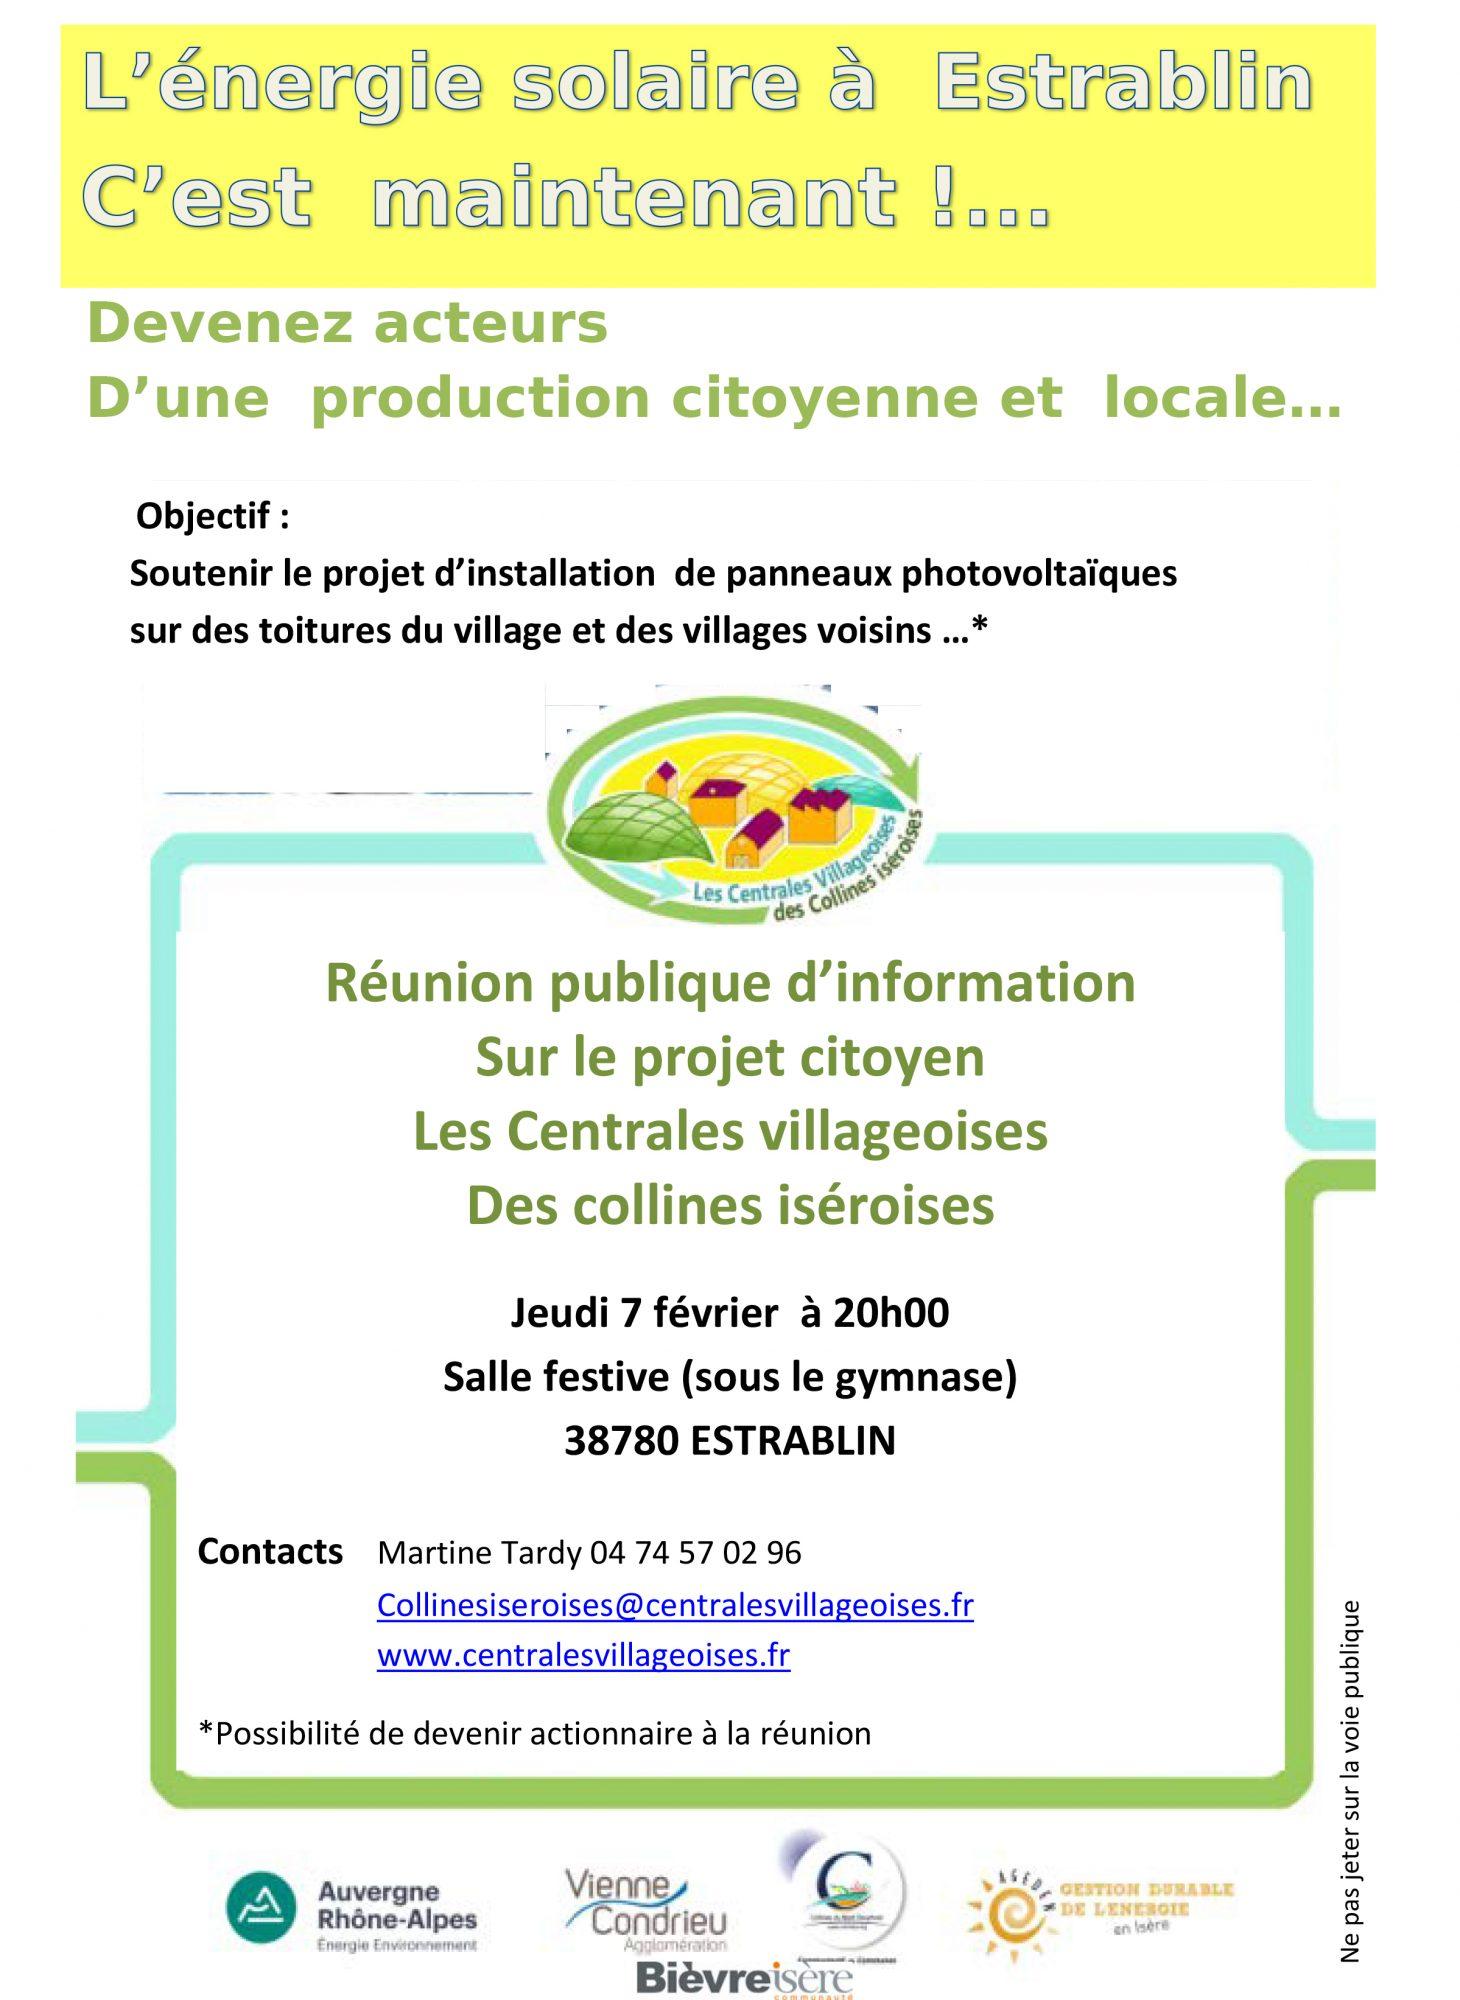 Réunion publique : Centrales Villageoises des collines isèroises – 7/02 à Estrablin